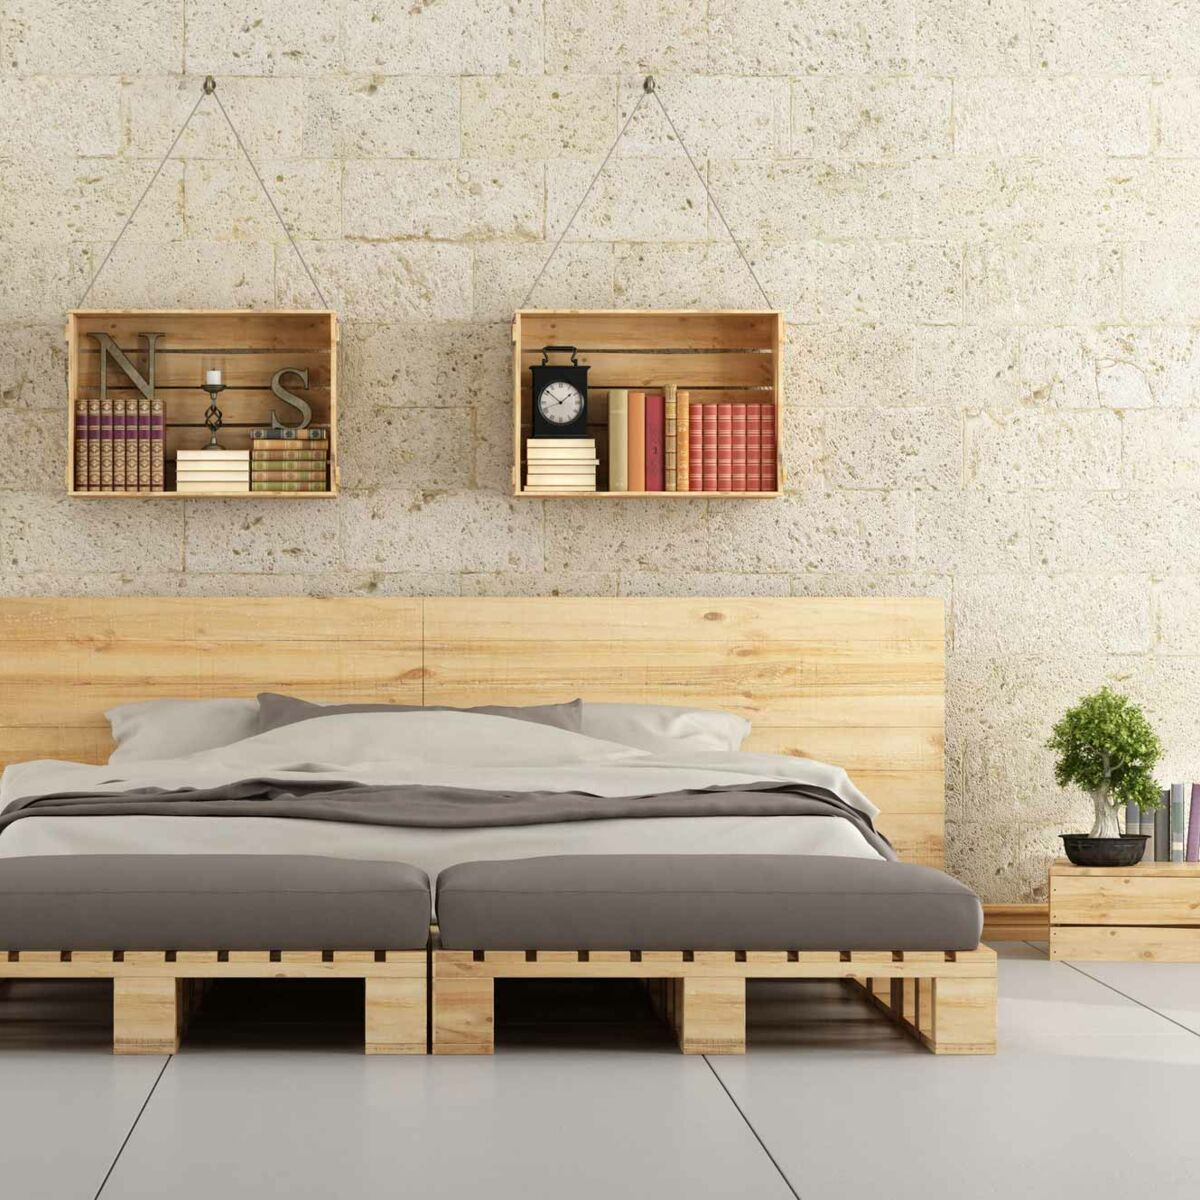 Fabriquer Un Lit En Bois lit en palettes : comment le fabriquer ? : femme actuelle le mag